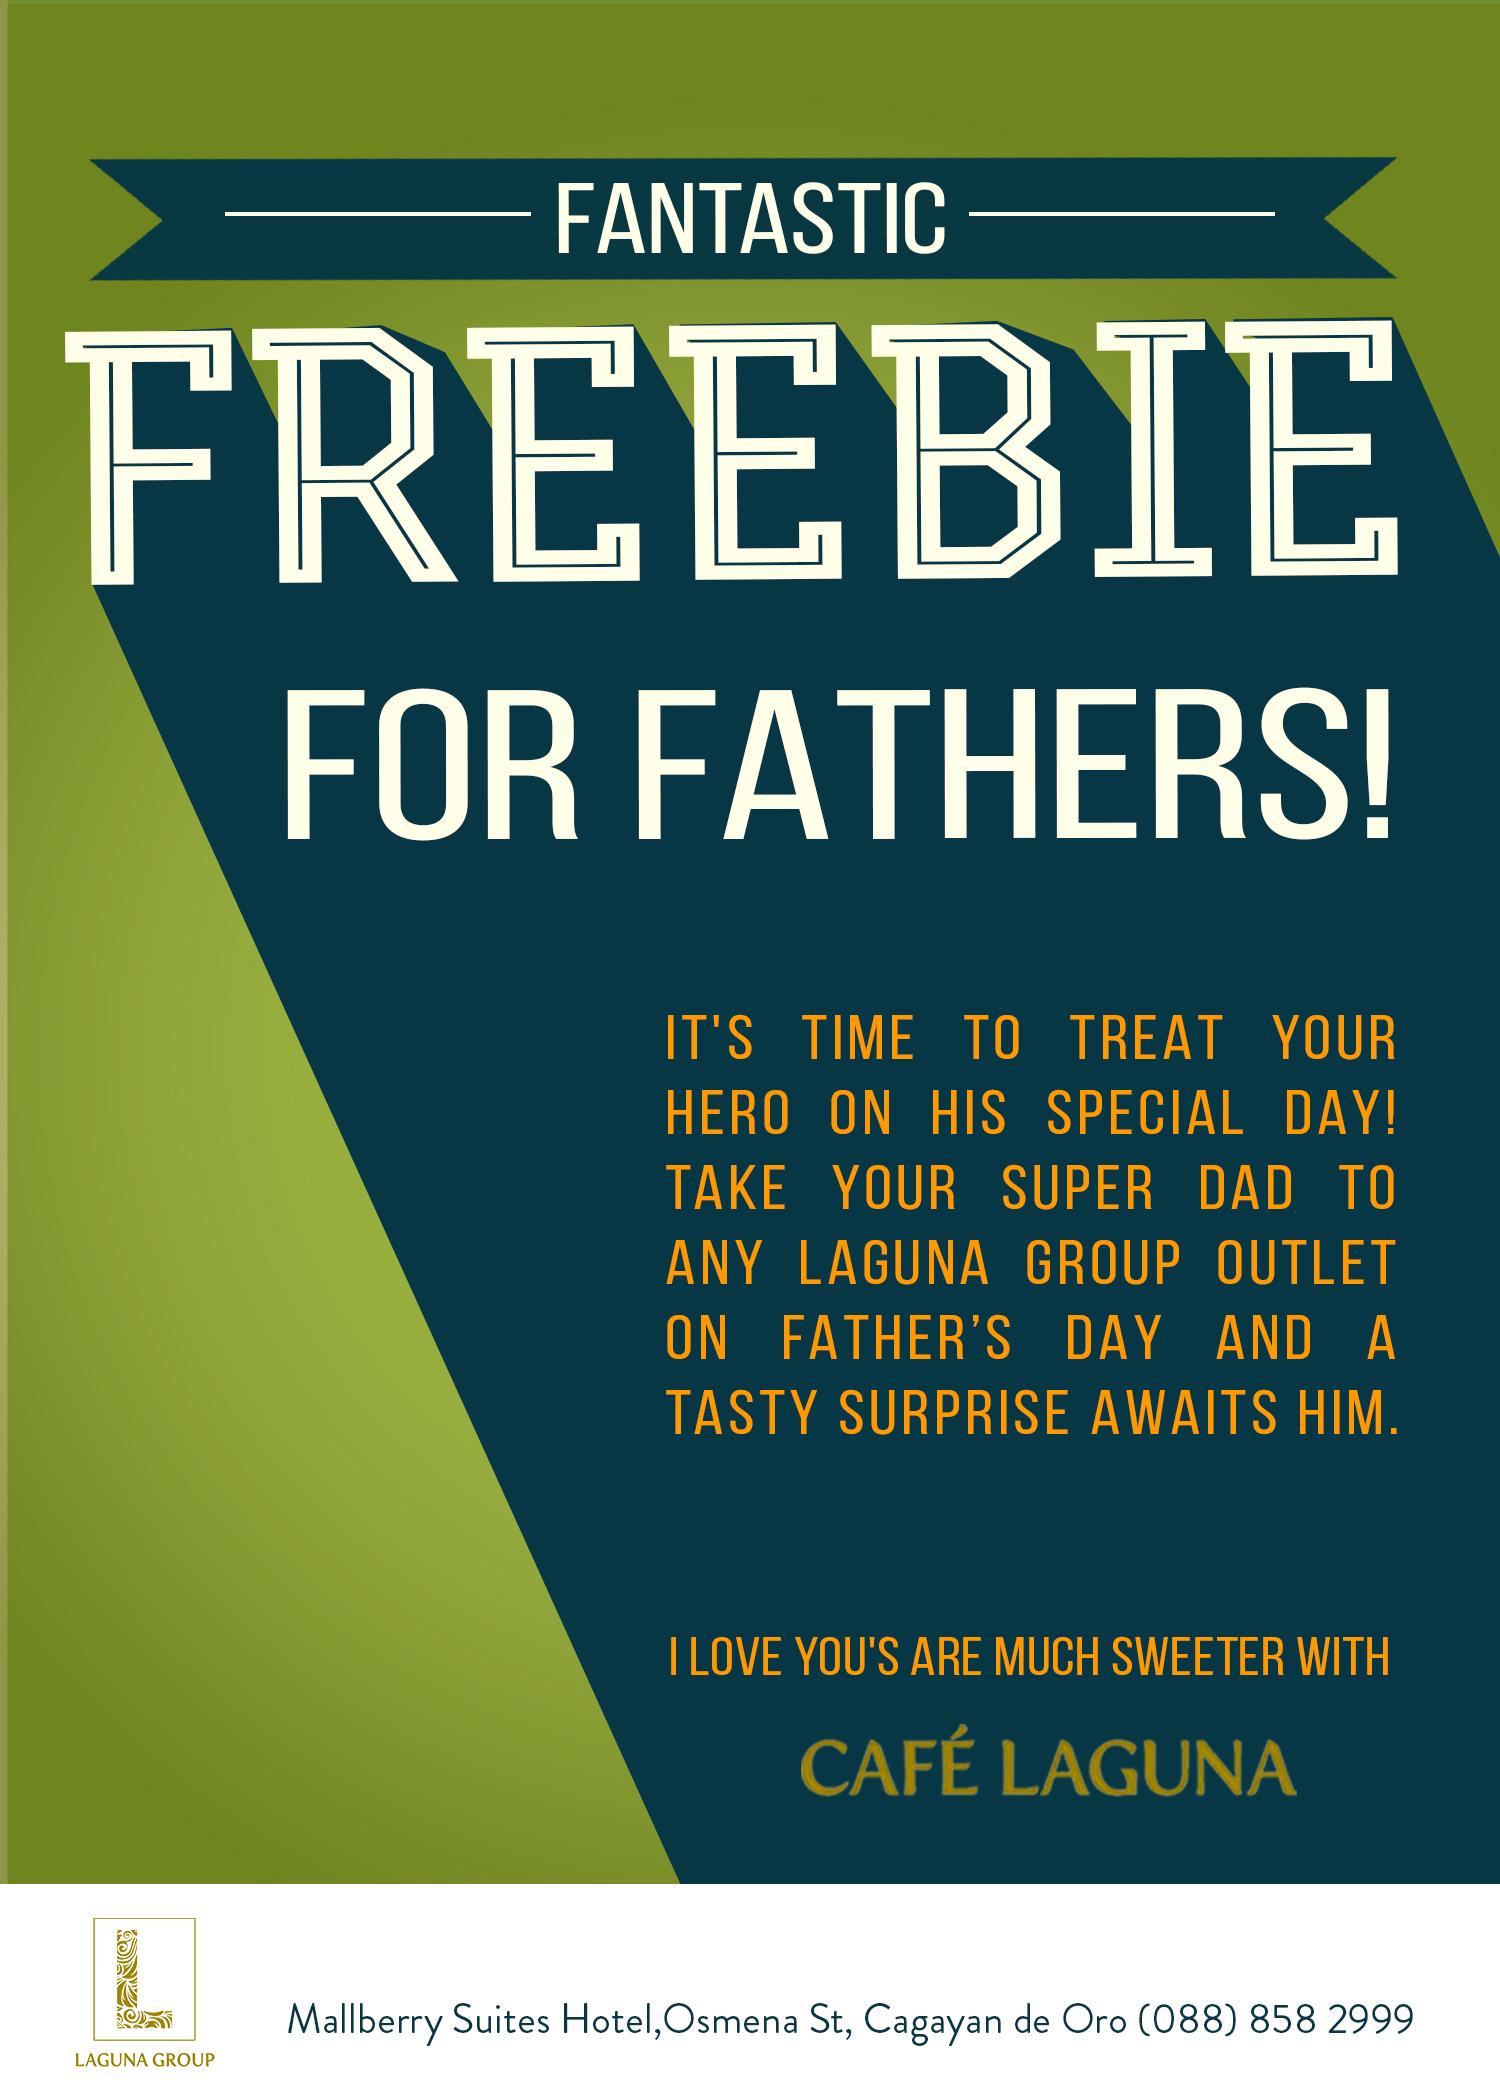 Fathers Day - Cafe Laguna CDO (1).jpg